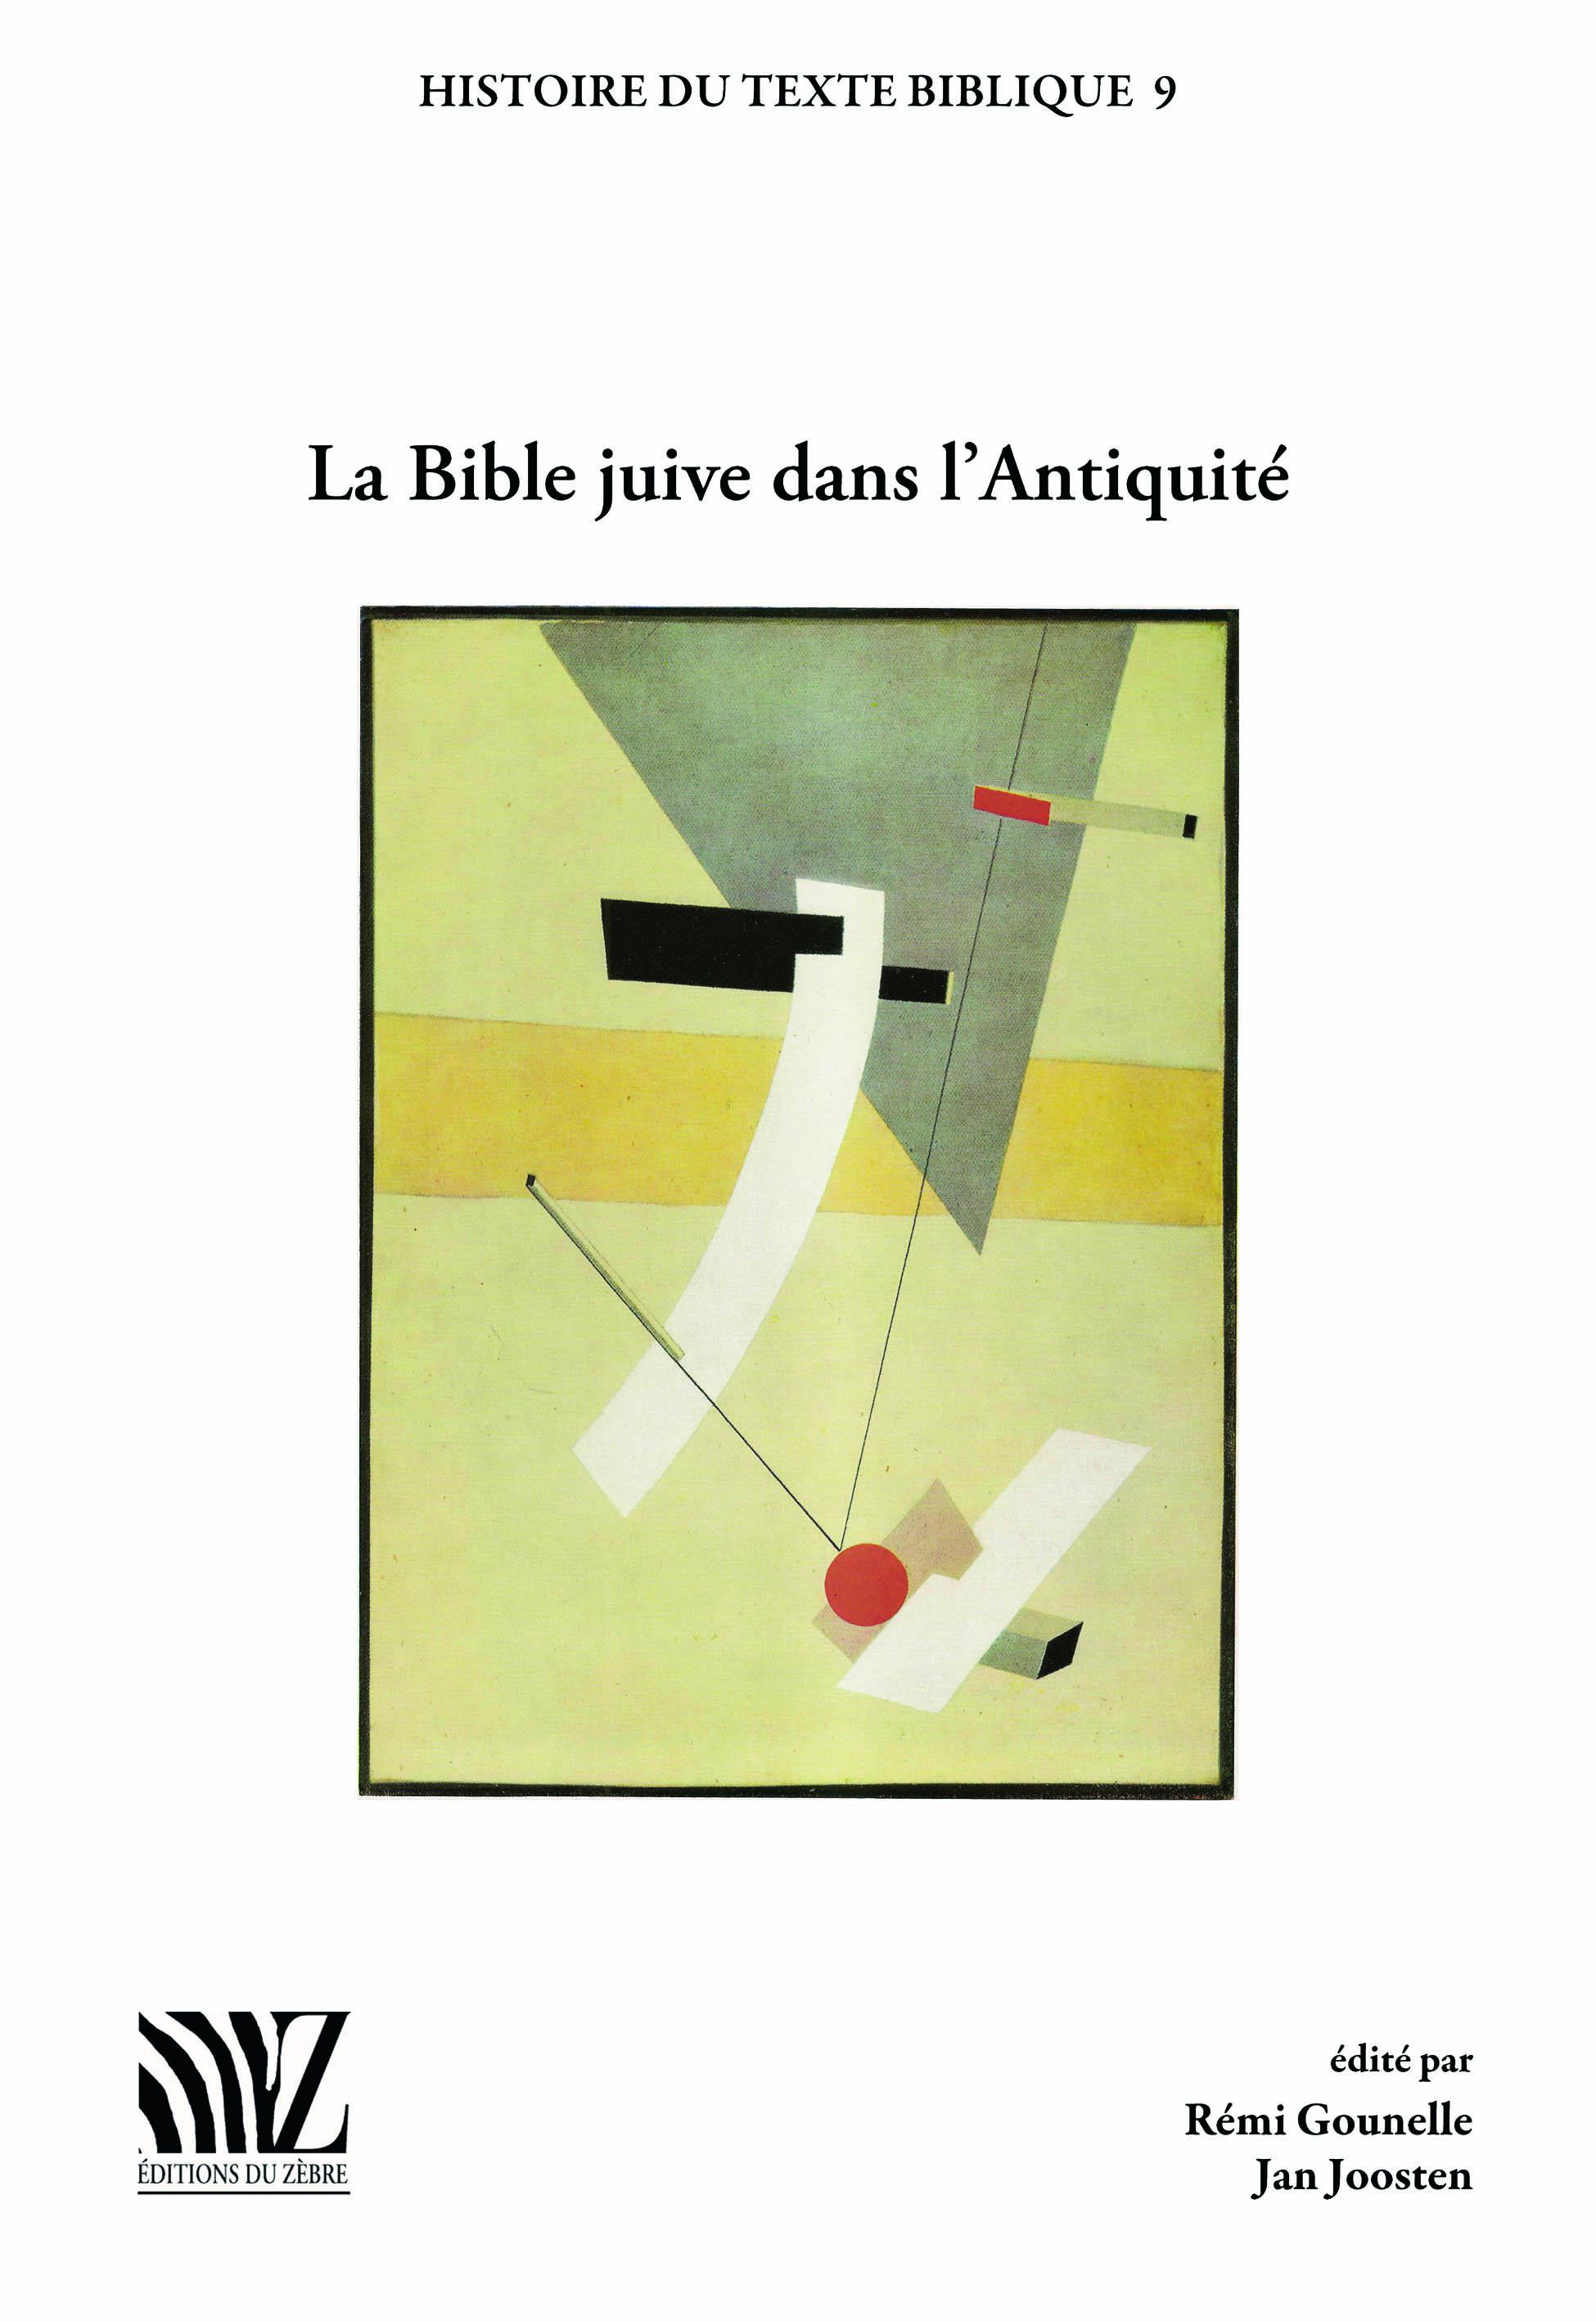 La Bible juive dans l'Antiquité